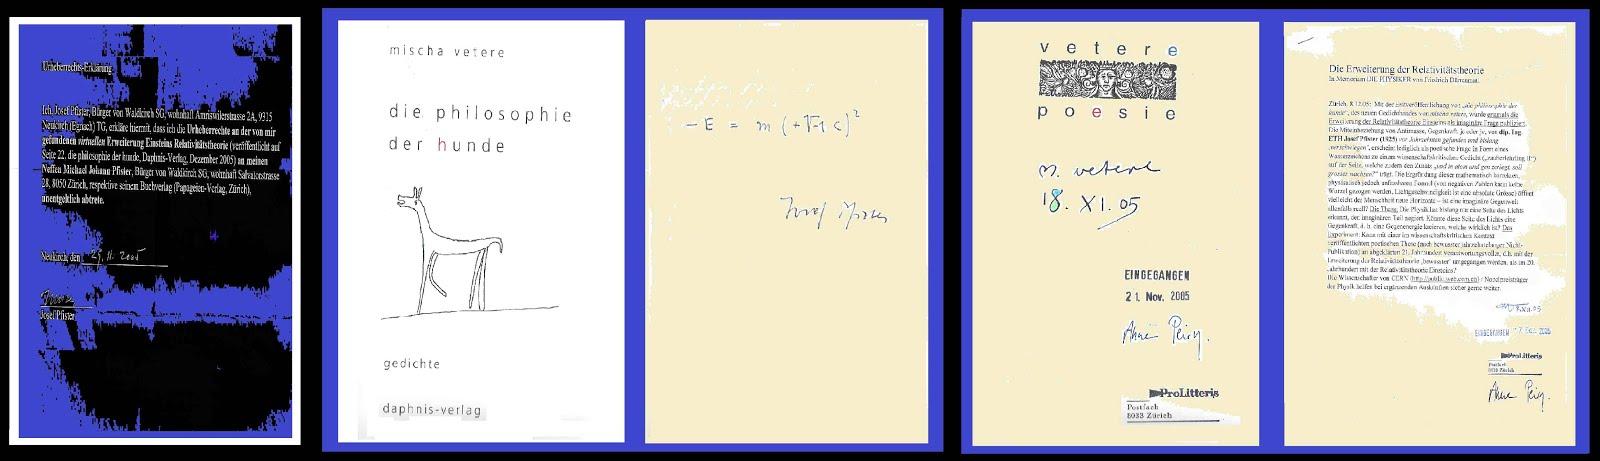 josef pfister bei prolitteris 2005 hinterlegte formel der erweiterUNg der relativitätstheorie ch